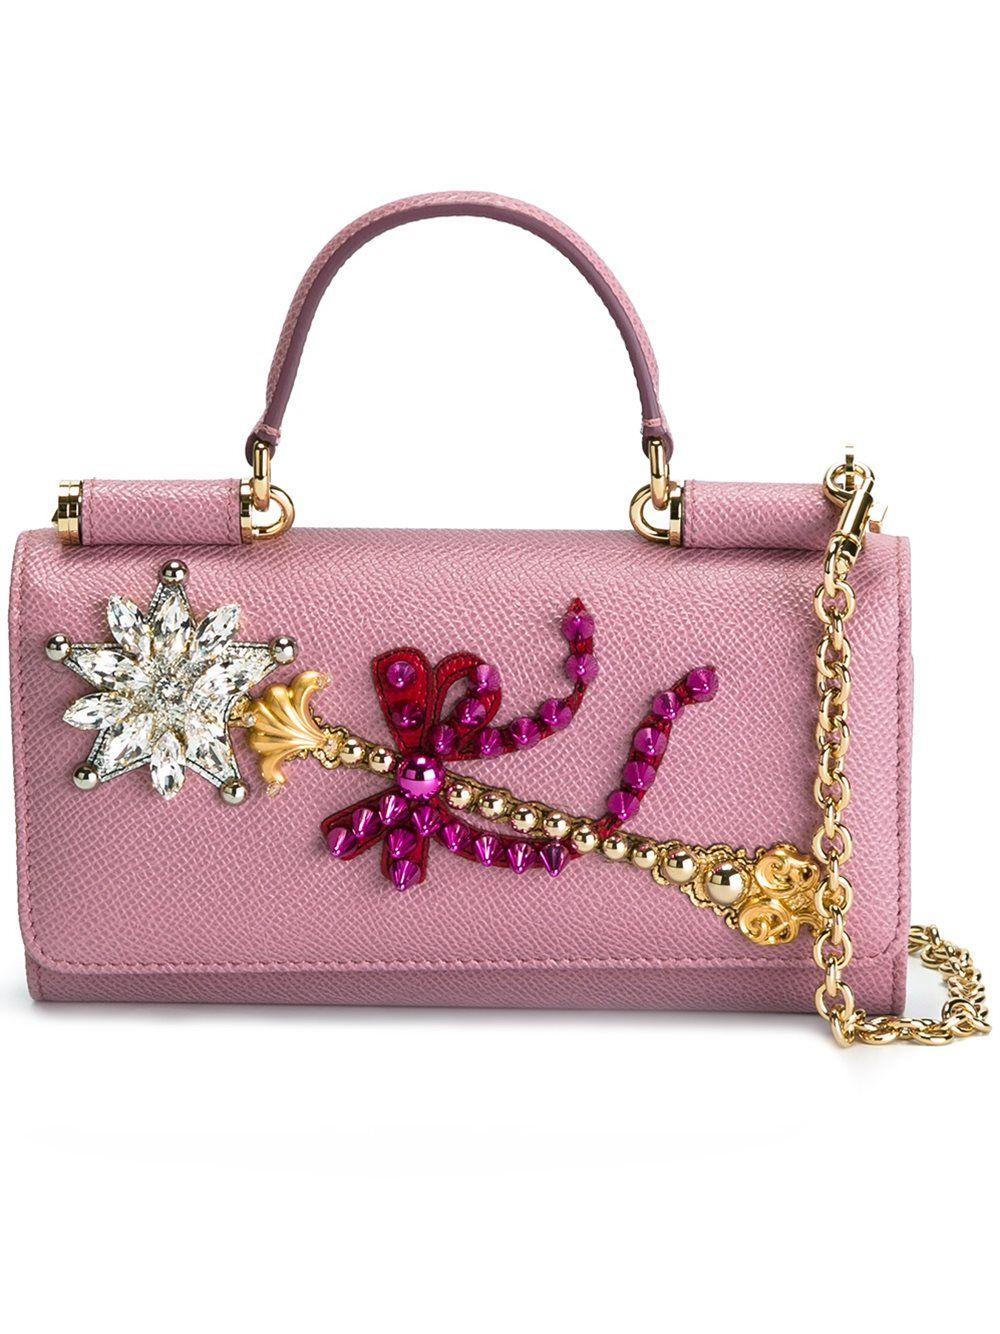 838795427233 Dolce   Gabbana mini  Von  wallet crossbody bag